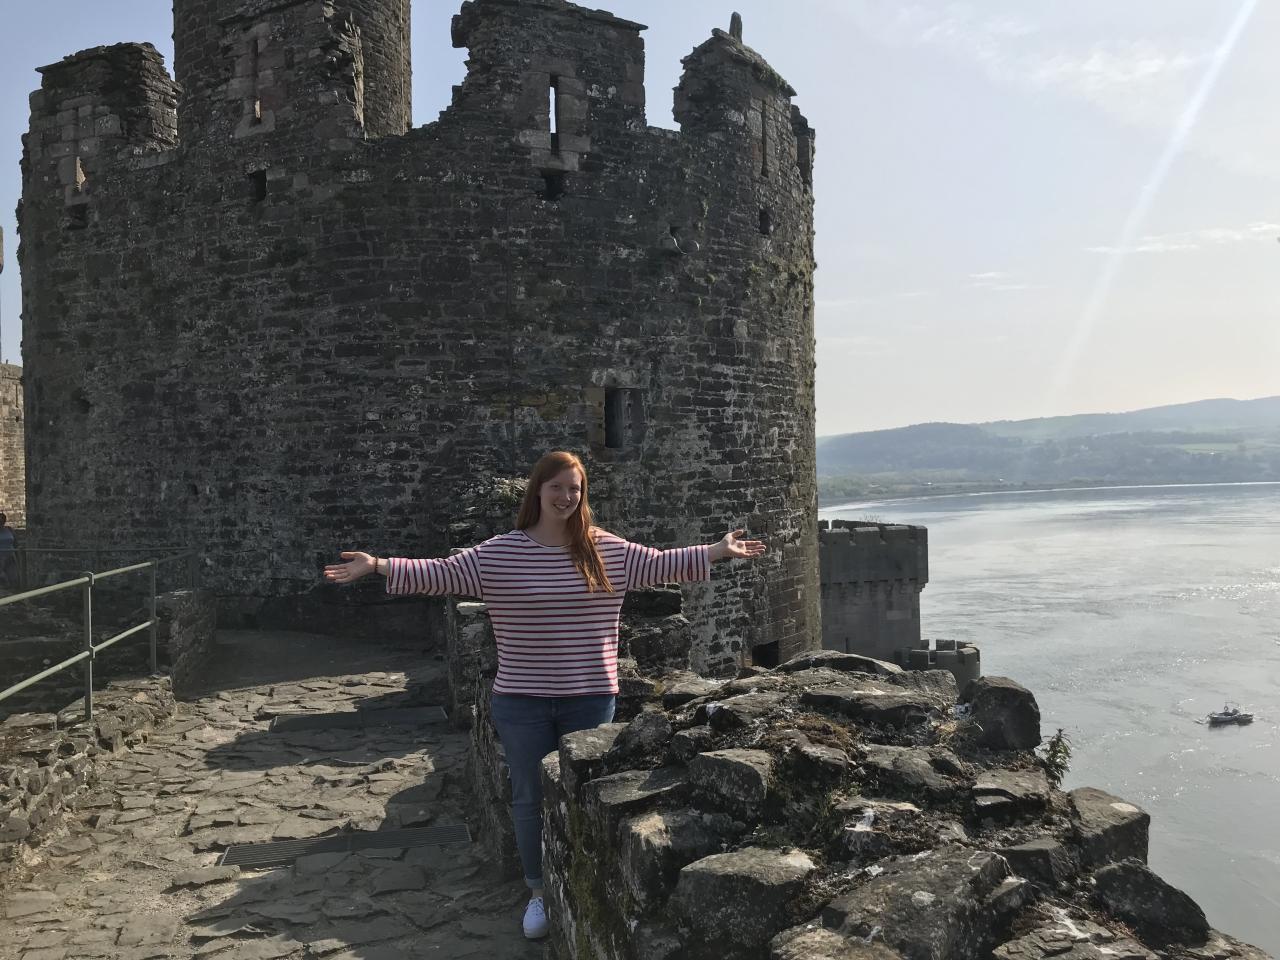 Reisegeschichten: So fand Nina ihre Überraschungsreise | Unplanned